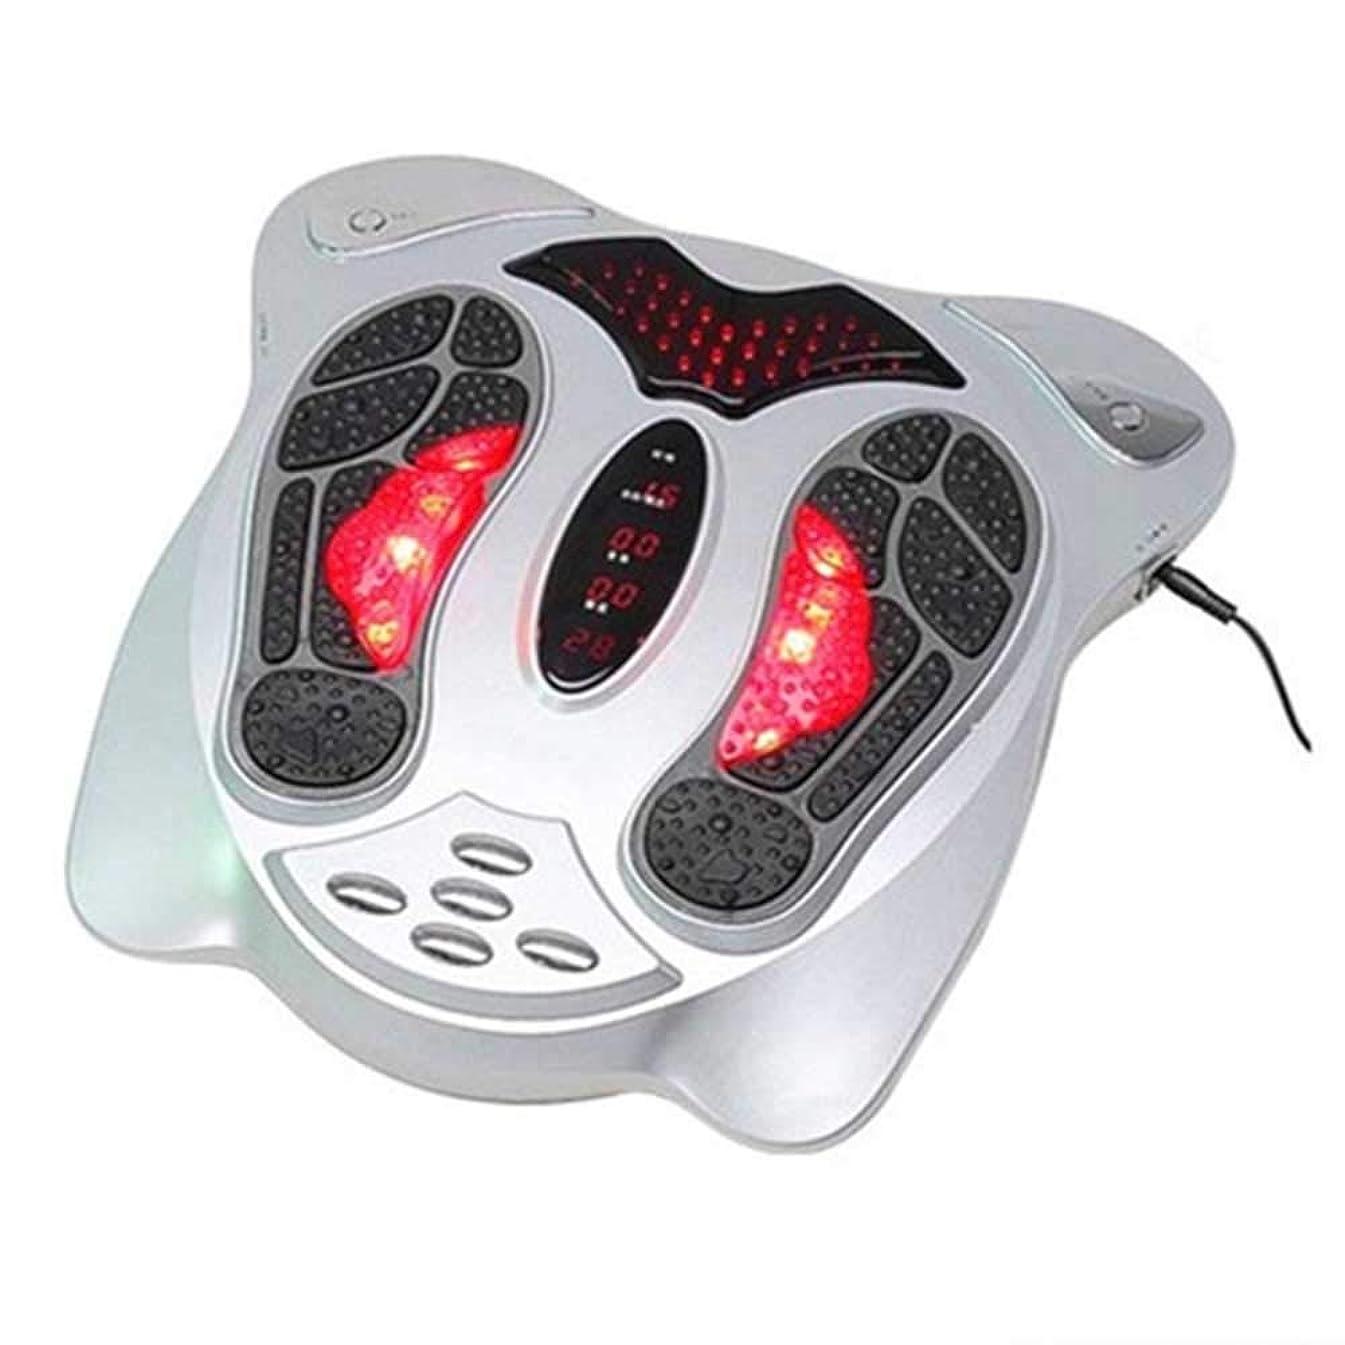 報酬エレクトロニック伝統的足のマッサージャーの電気足の低頻度の脈拍の針療法のマッサージャーの低頻度の健康療法の器械, Silver